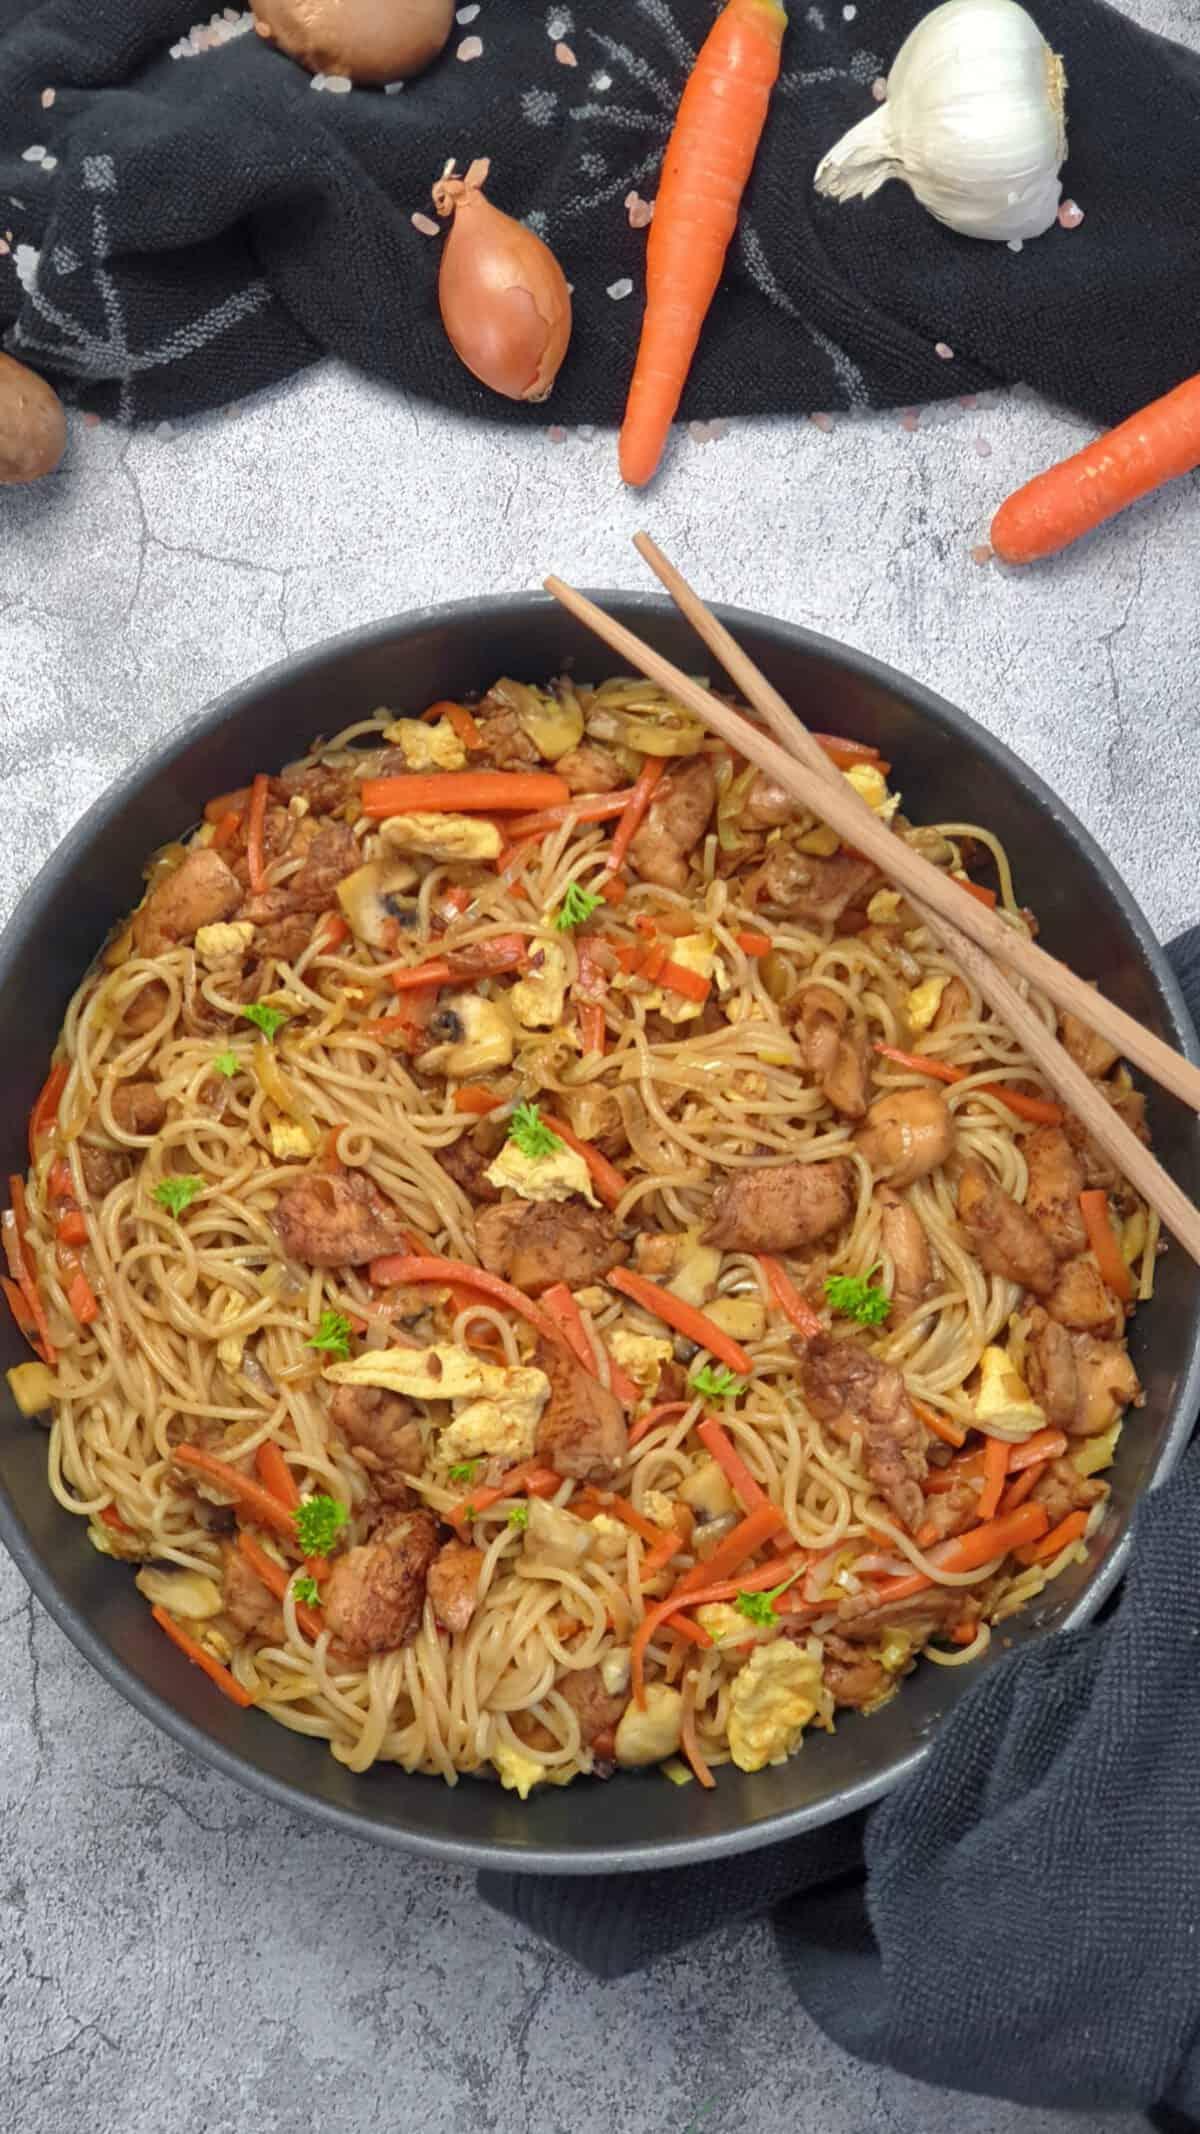 In einer großen schwarzen Pfanne Asia Nudeln mit Huhn und Gemüse. Im Hintergrund Deko.